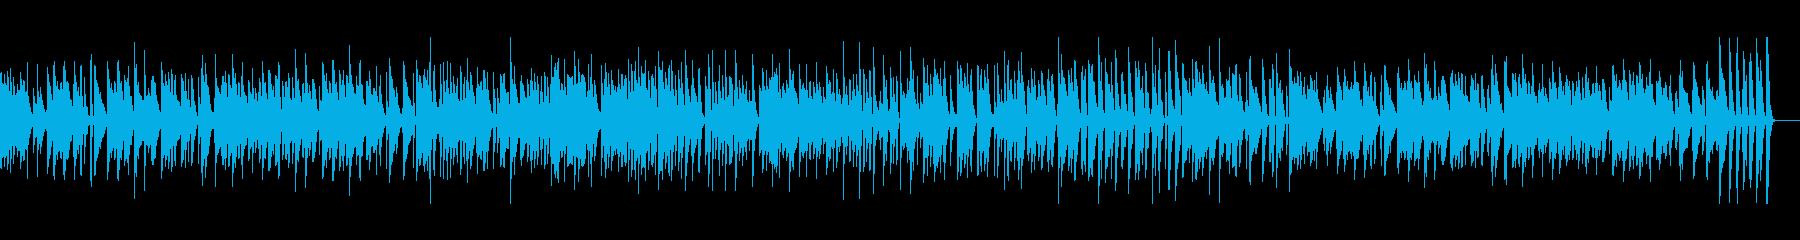 おしゃれでスタイリッシュなボサノバです。の再生済みの波形